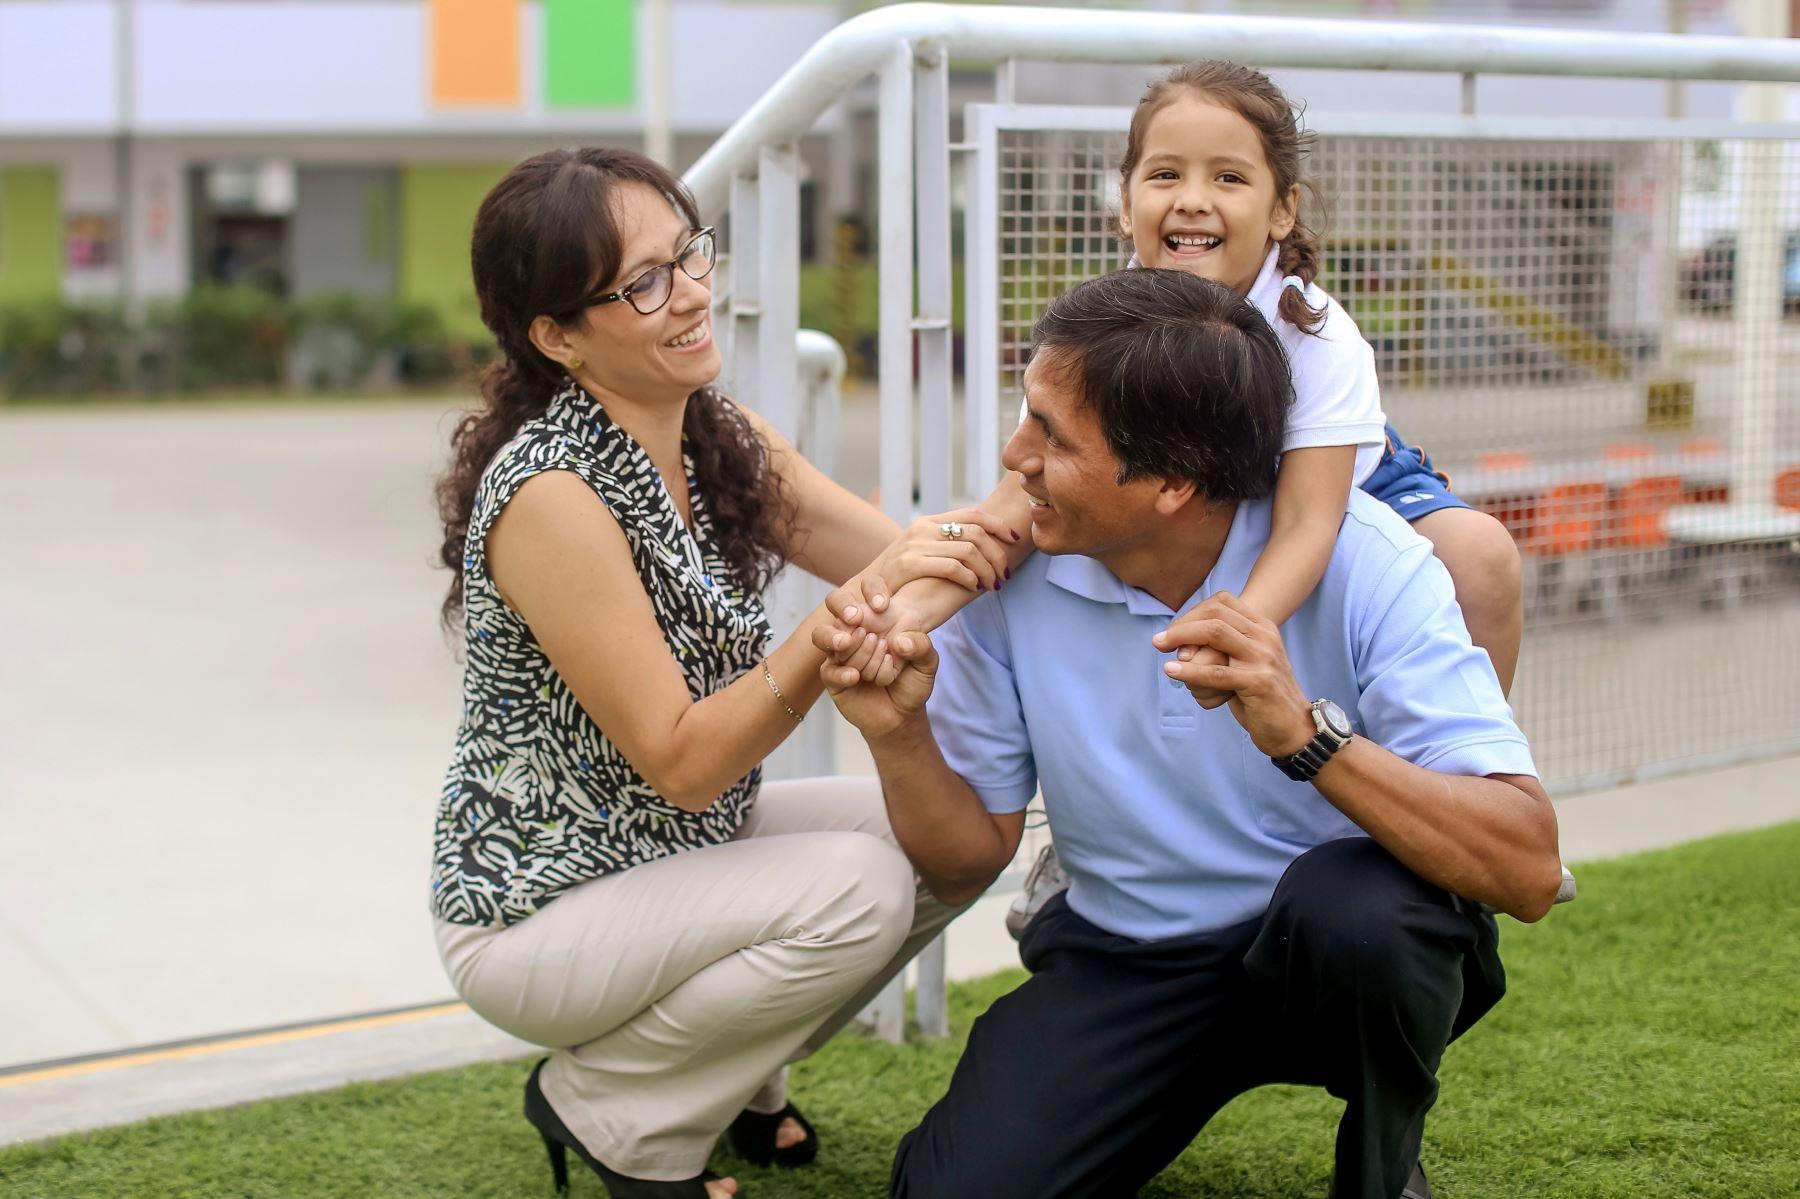 Gracias al período de confinamiento y al trabajo remoto, los padres hablan ahora más con sus hijos. Foto: ANDINA/difusión.